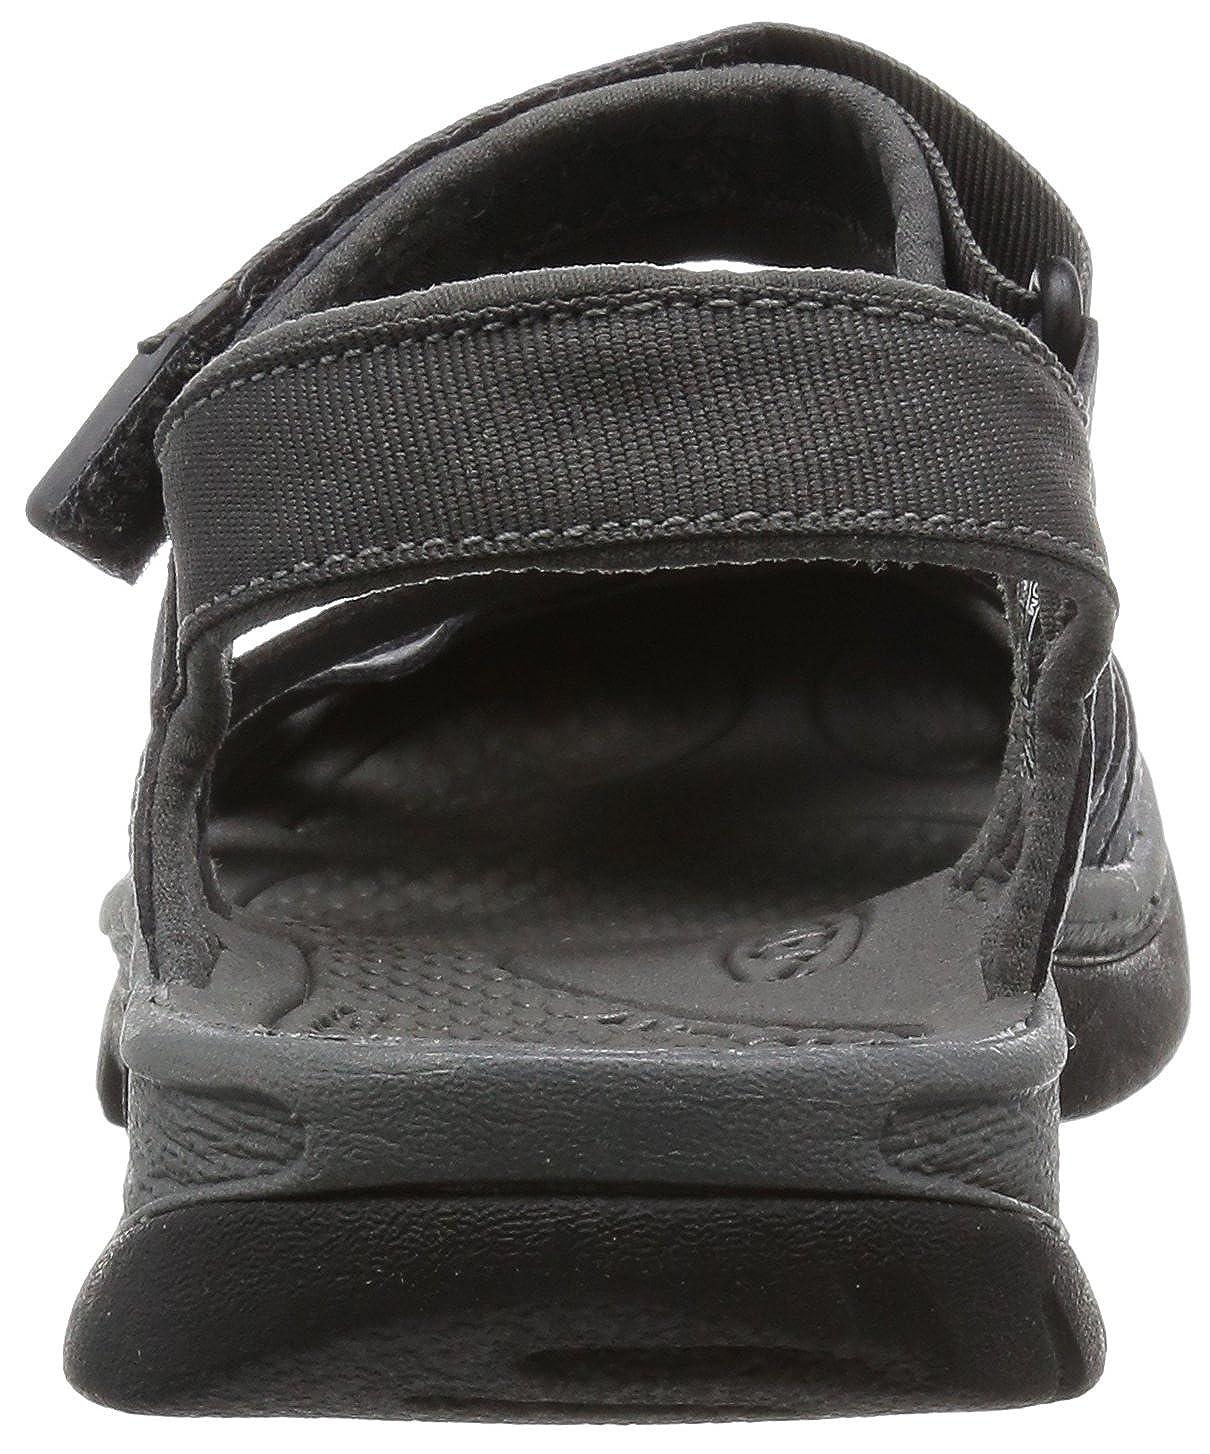 Keen Women's ROSE ROSE Women's Sandals B00ZG2M0HS Sport Sandals & Slides e0cbb8